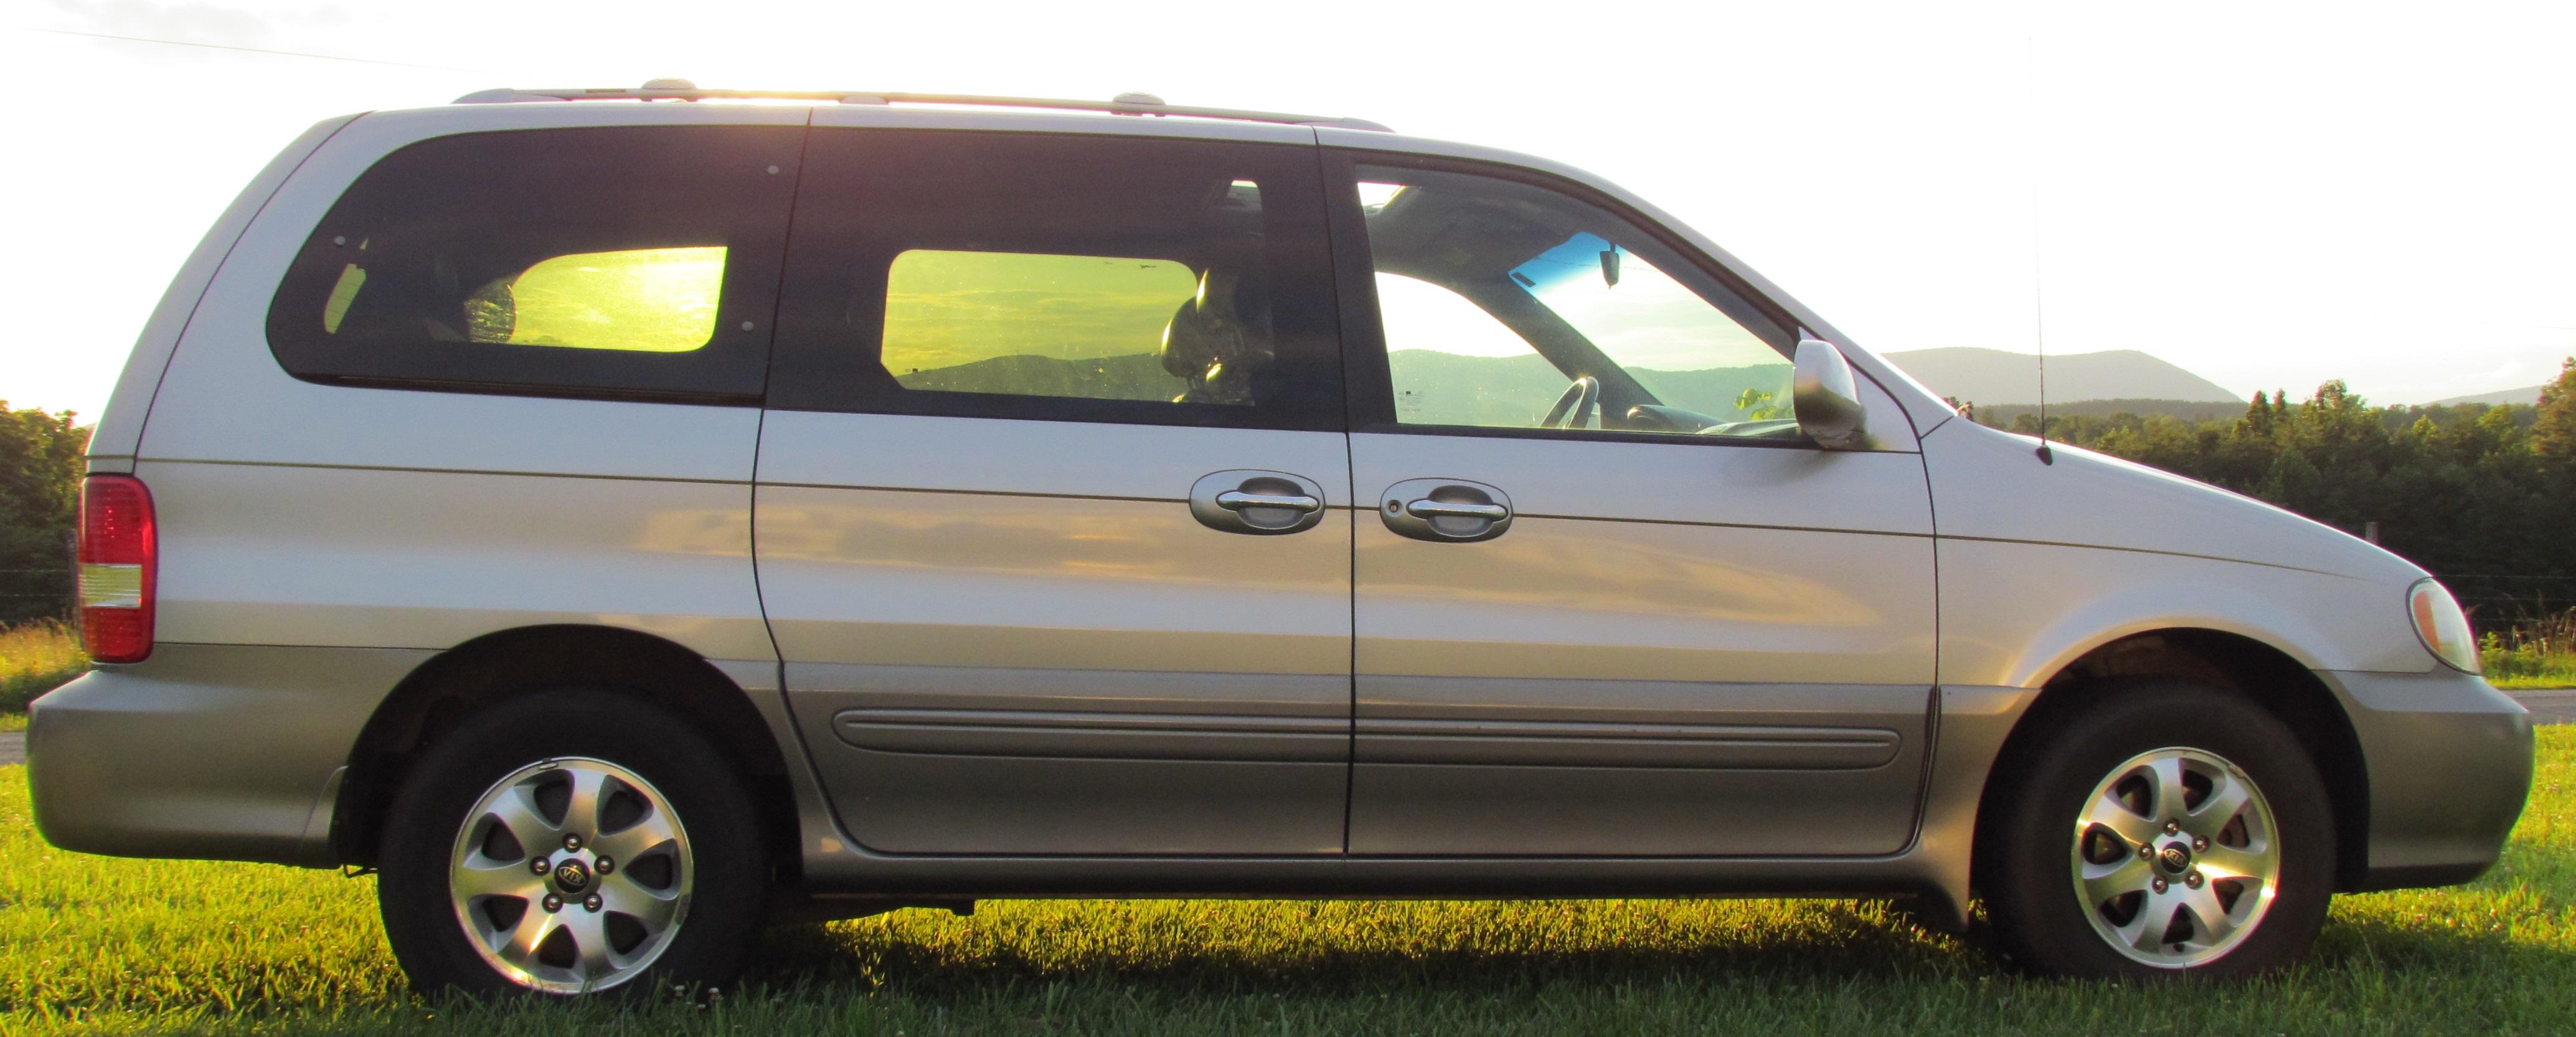 2005 Kia Sedona Image 23